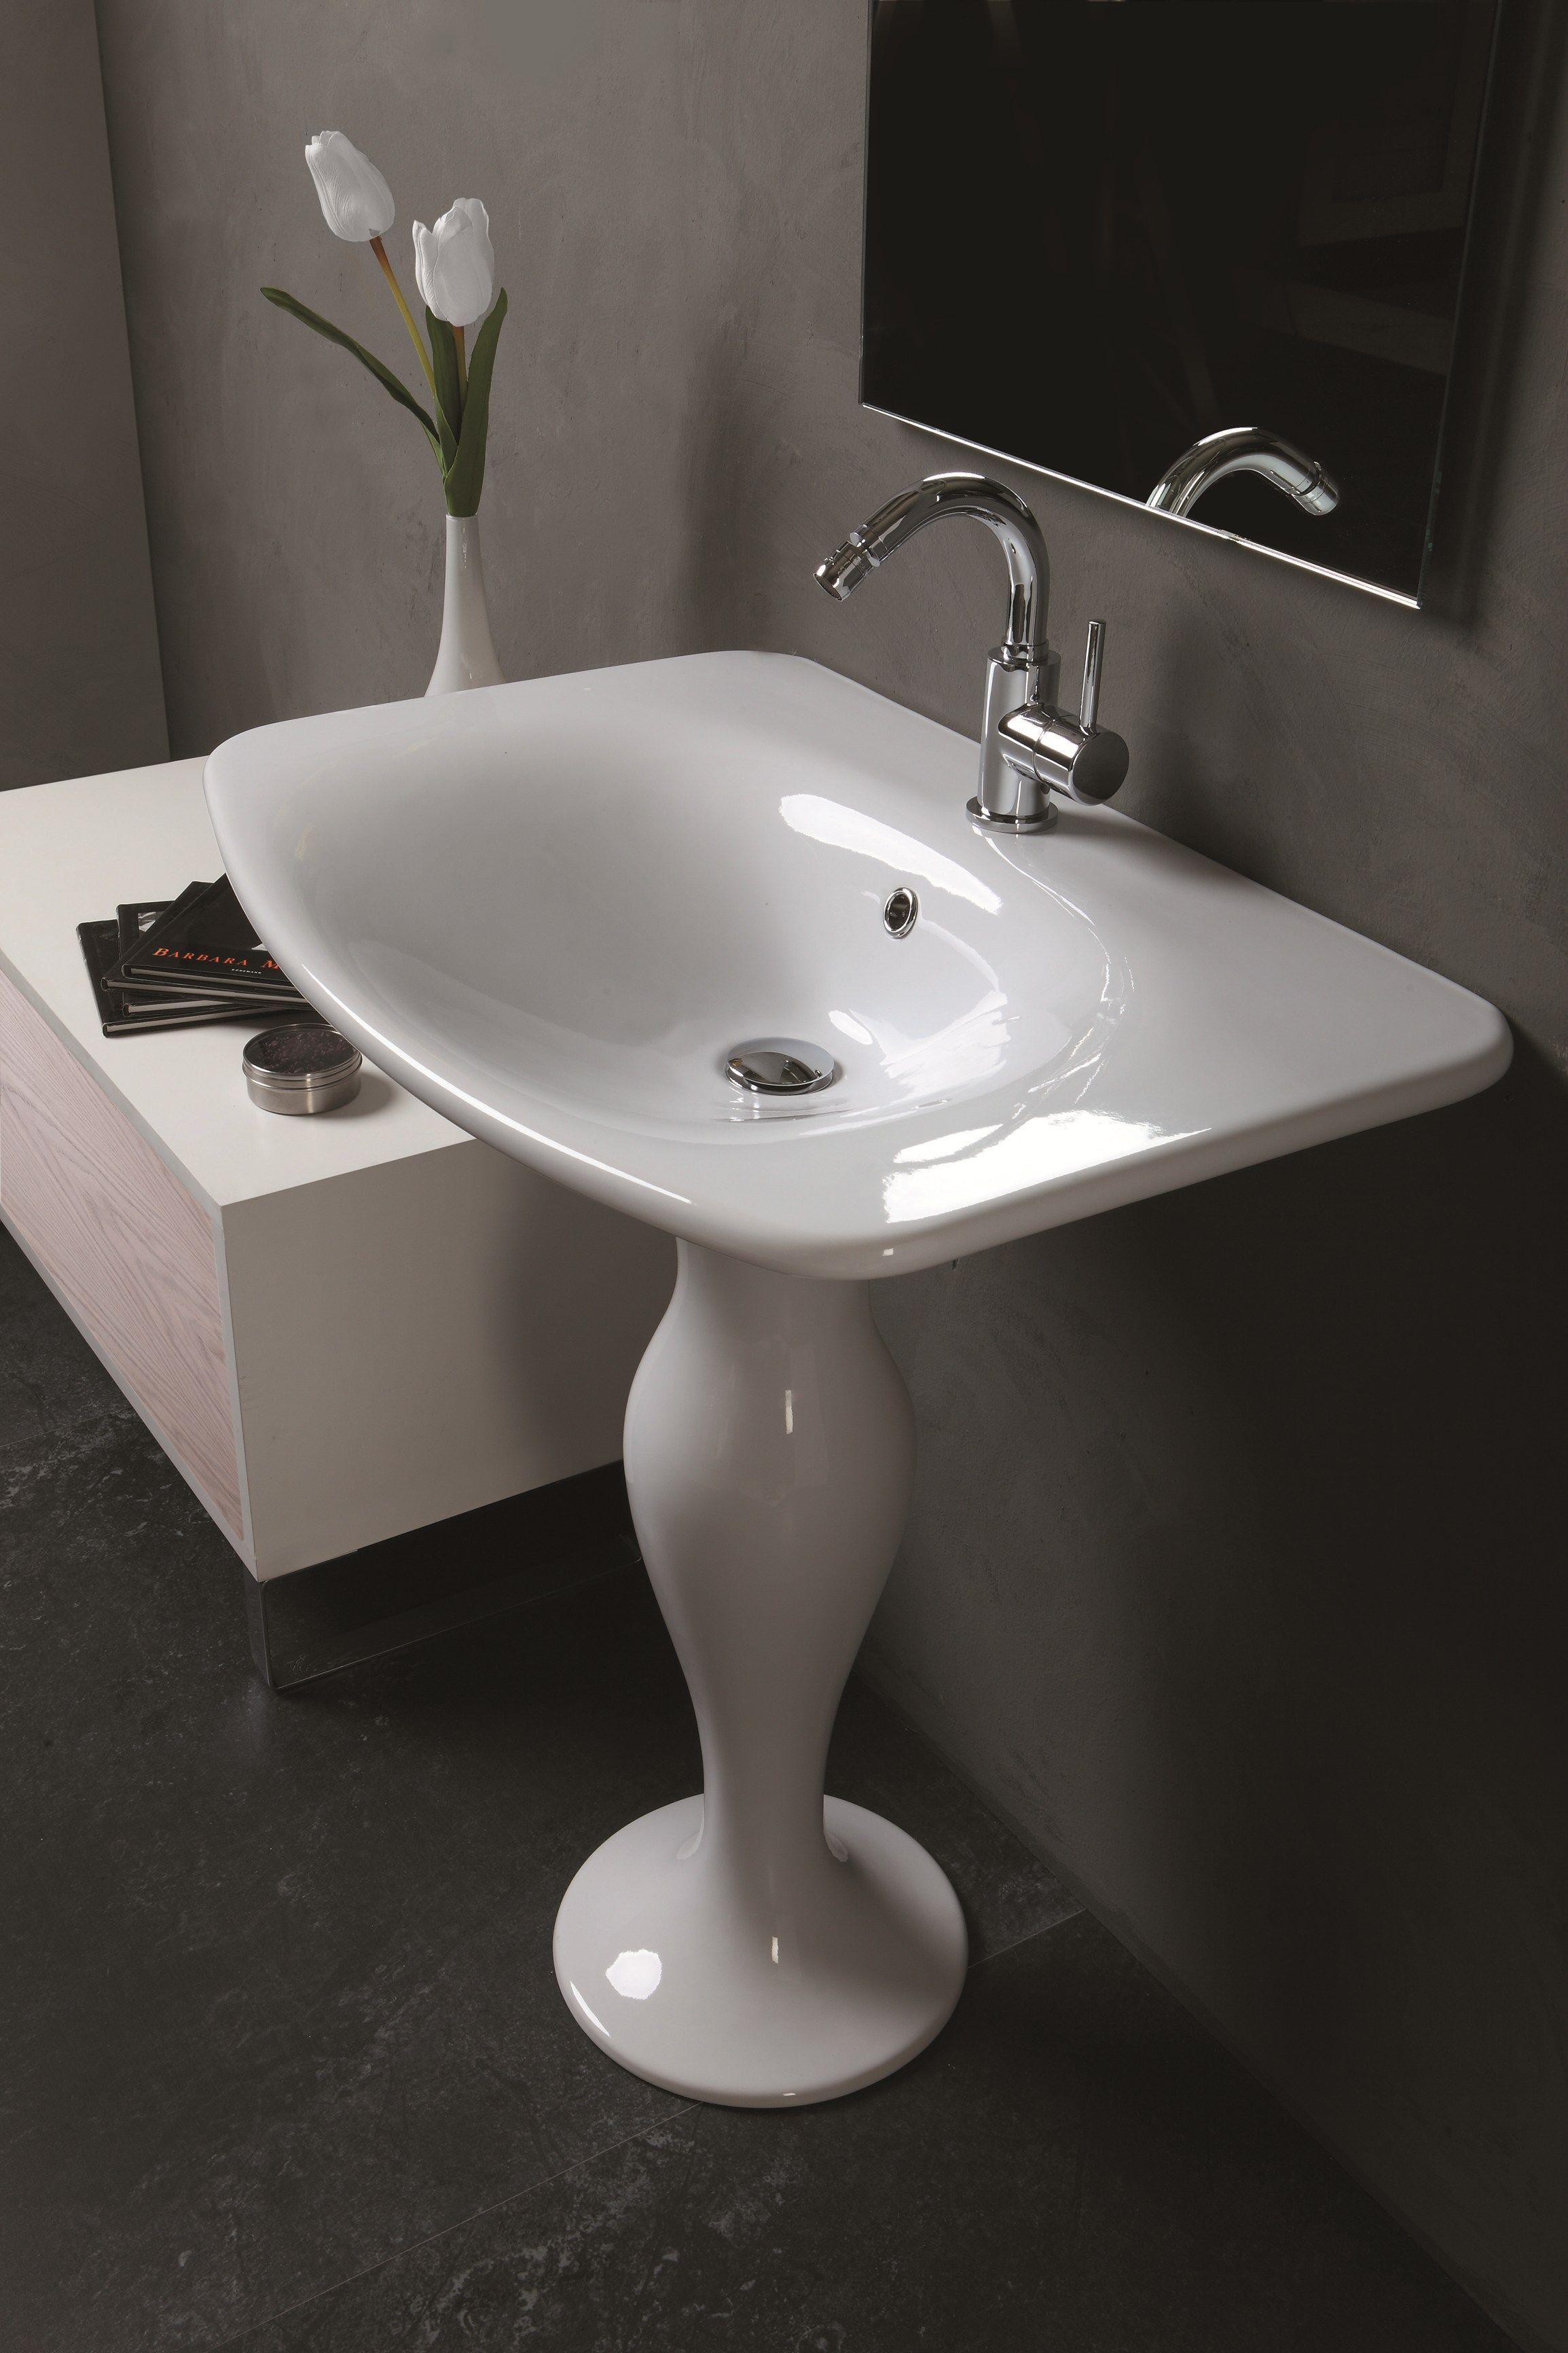 Formosa lavabo su colonna by olympia ceramica design - Lavabo con colonna ...